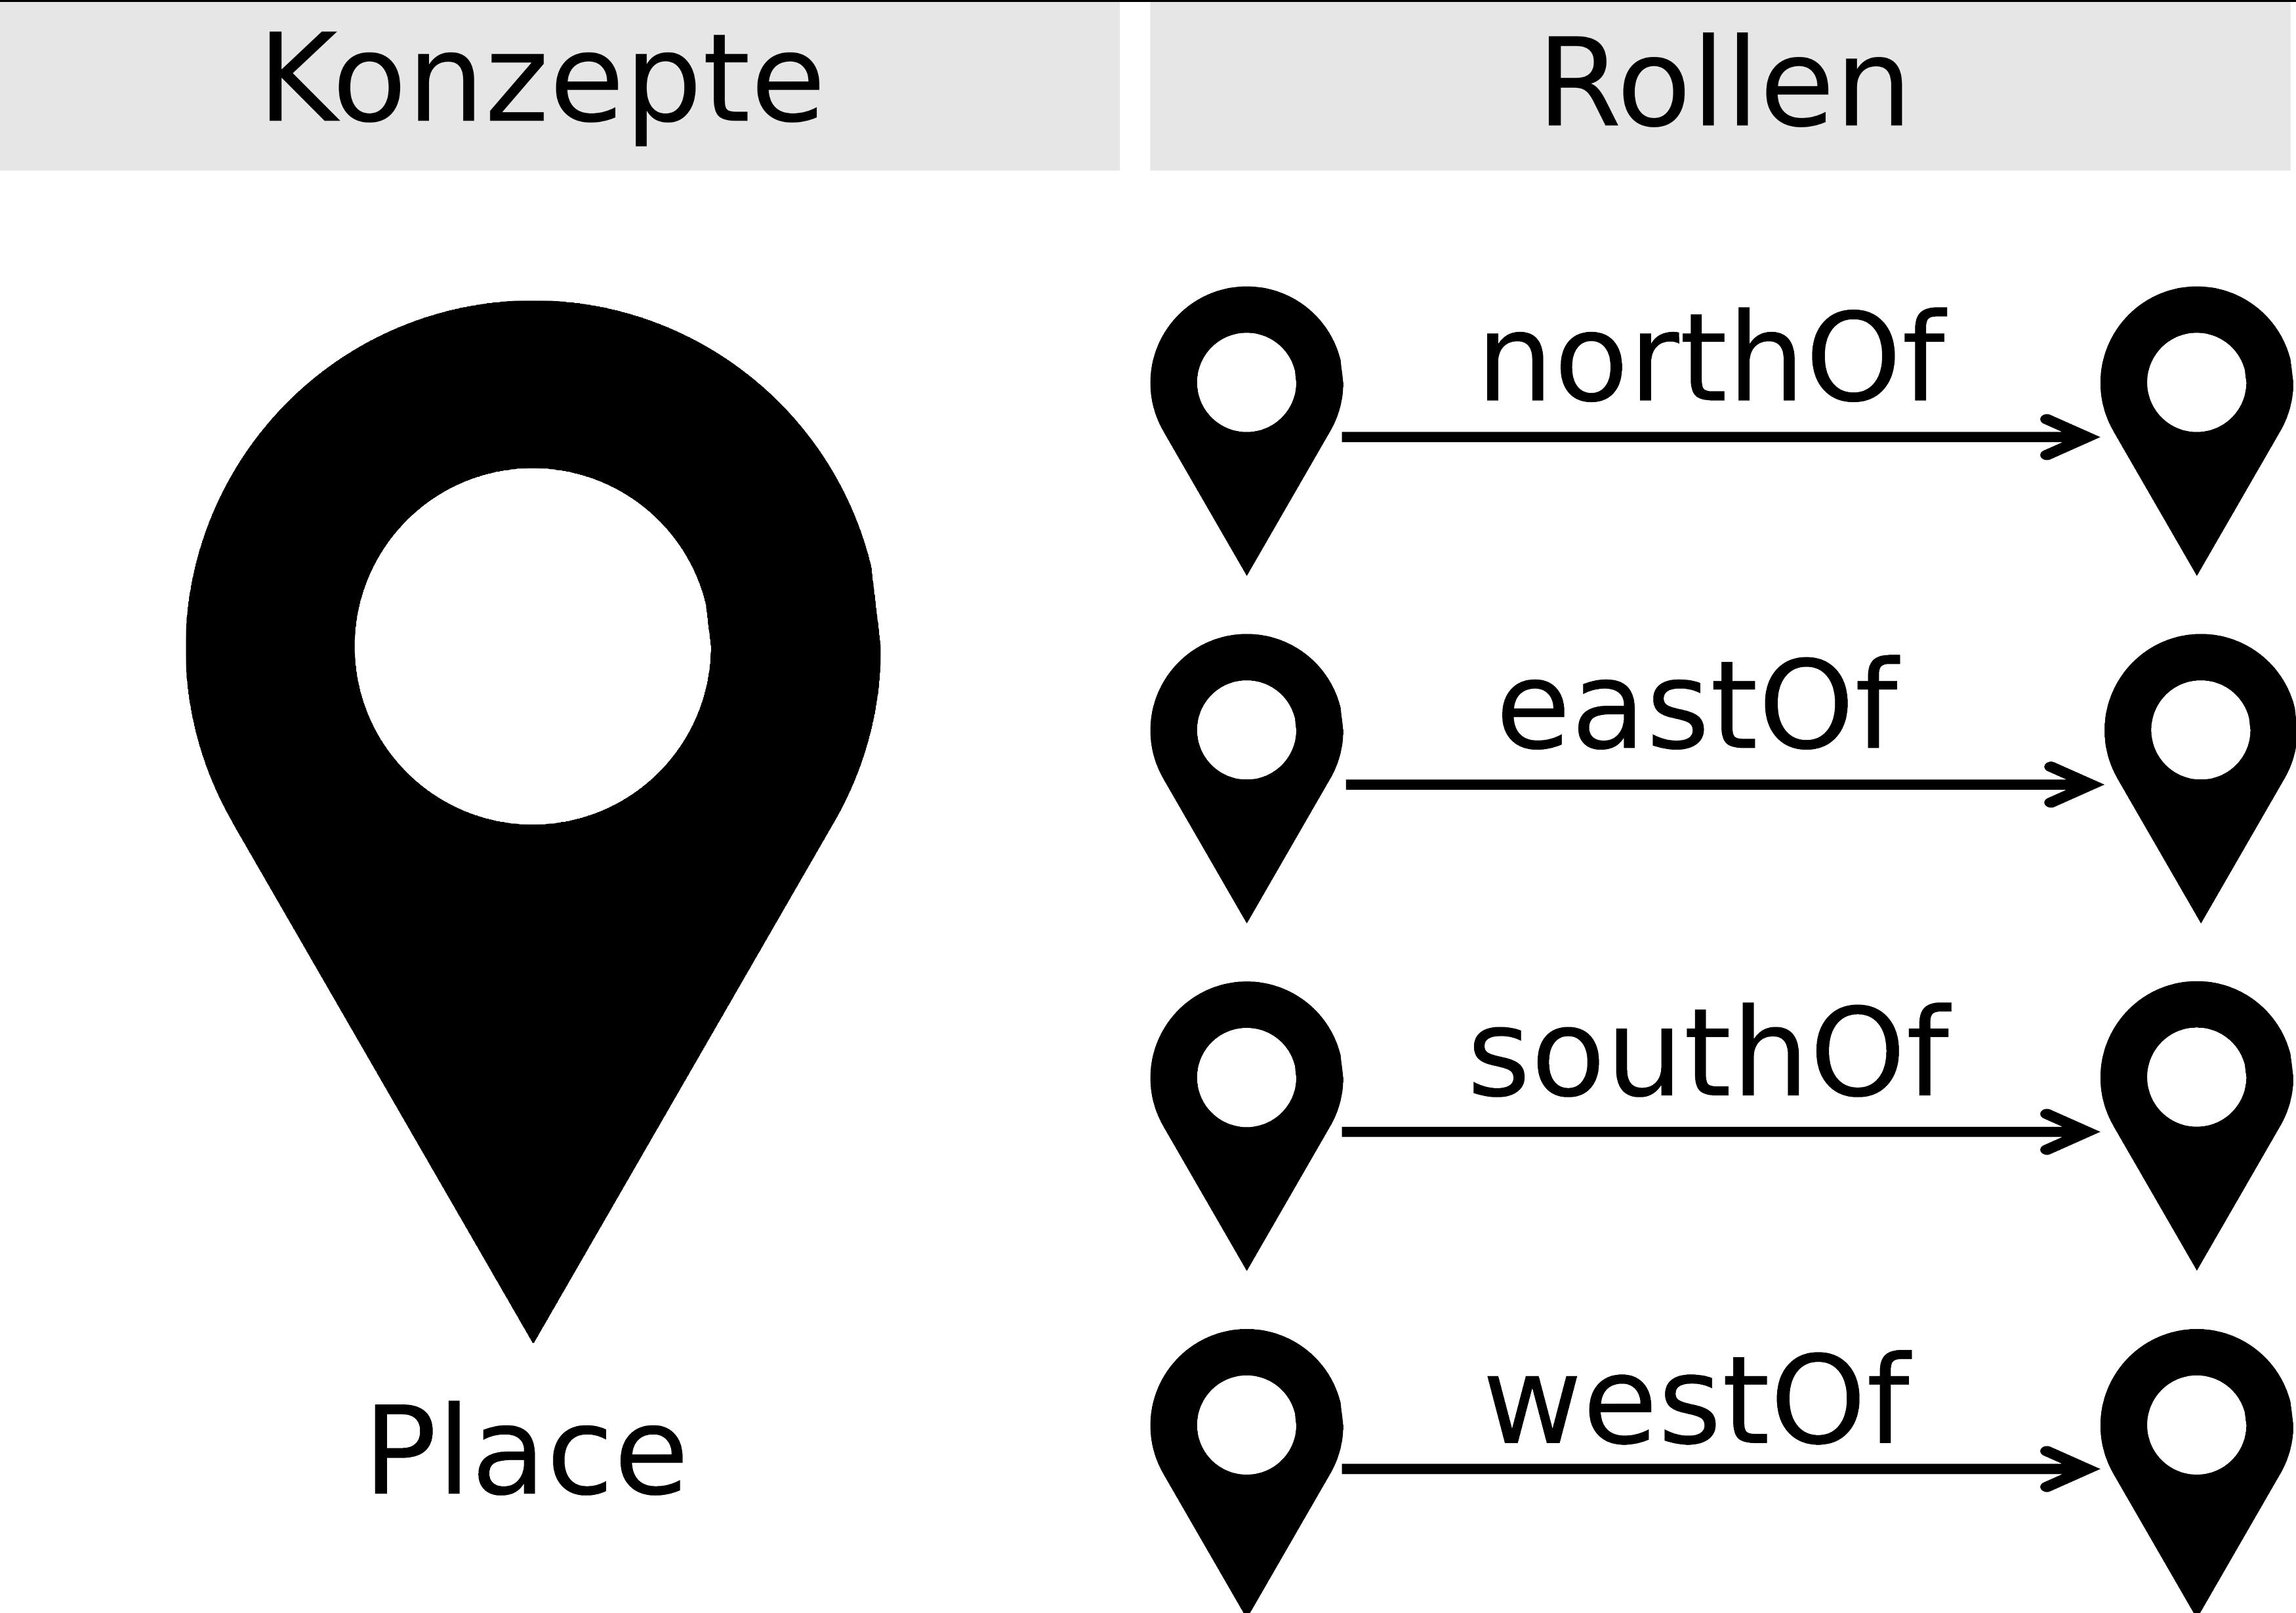 Abb. 2: Das Konzept Place und die Rolen                            northOf, eastOf, southOf, westOf. [Eigene Darstellung, CC BY 4.0].